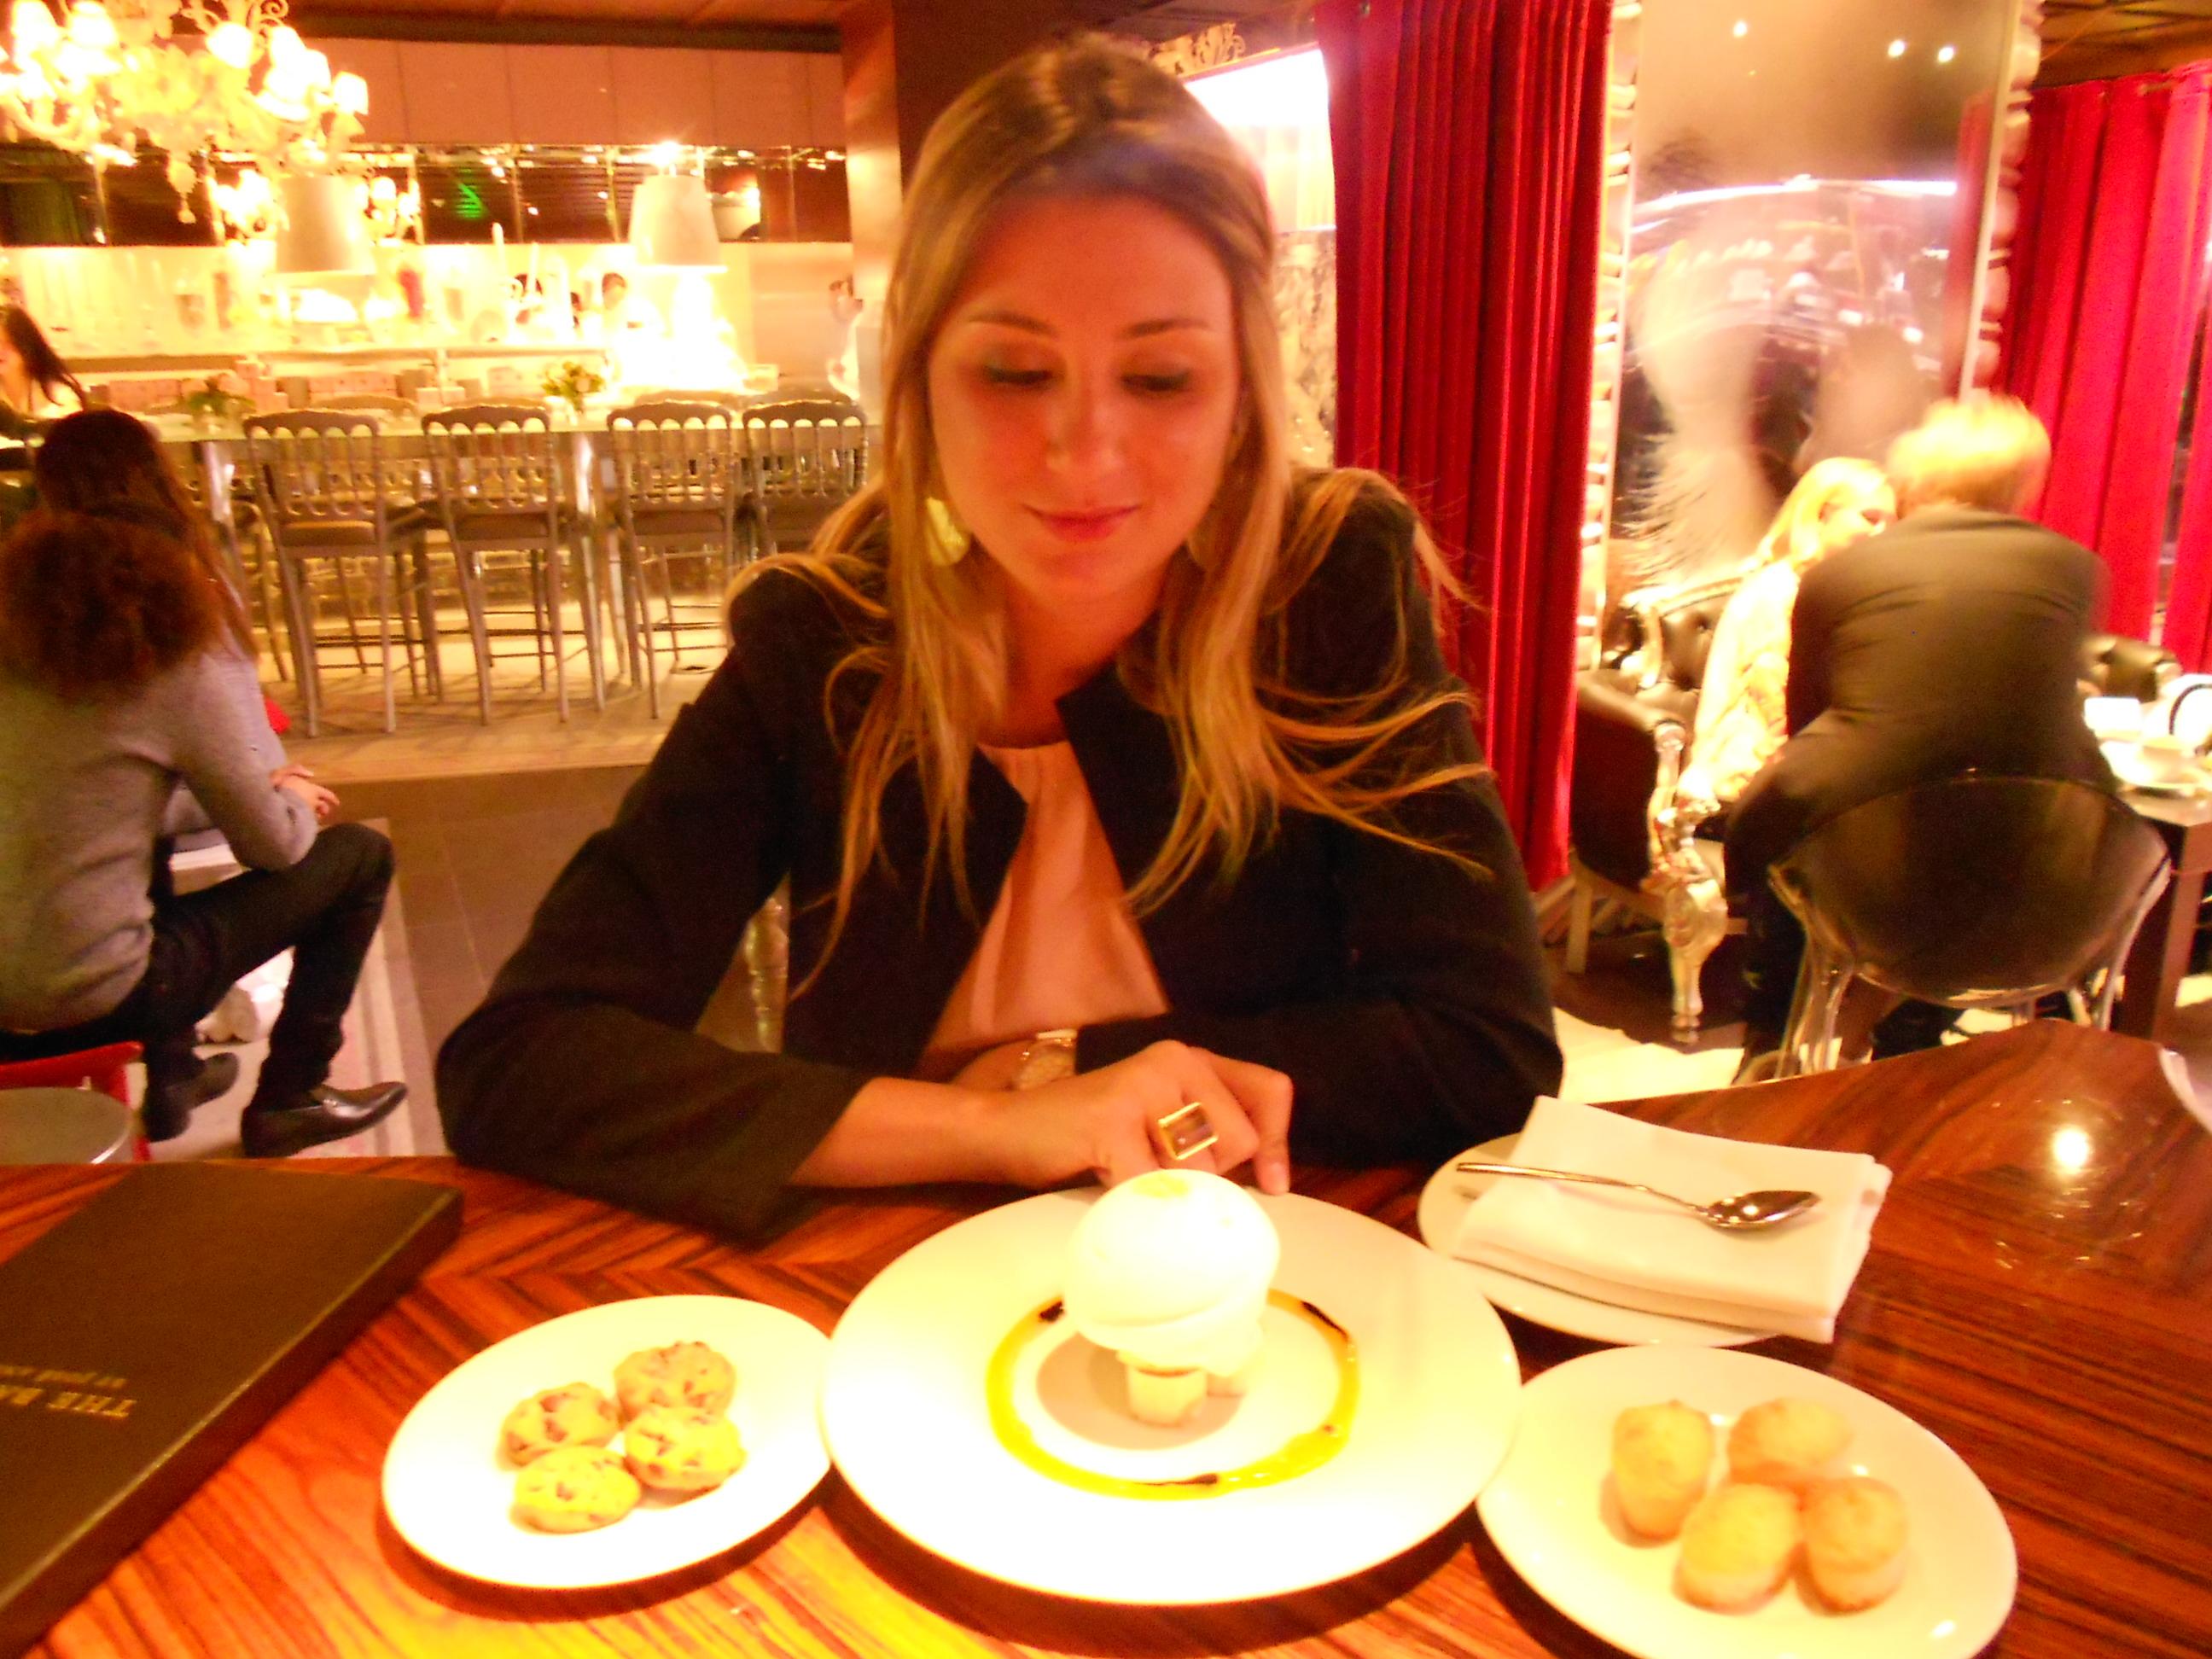 TheBazaar_SLShotel_BeverlyHills_Restaurante_LosAngeles2692